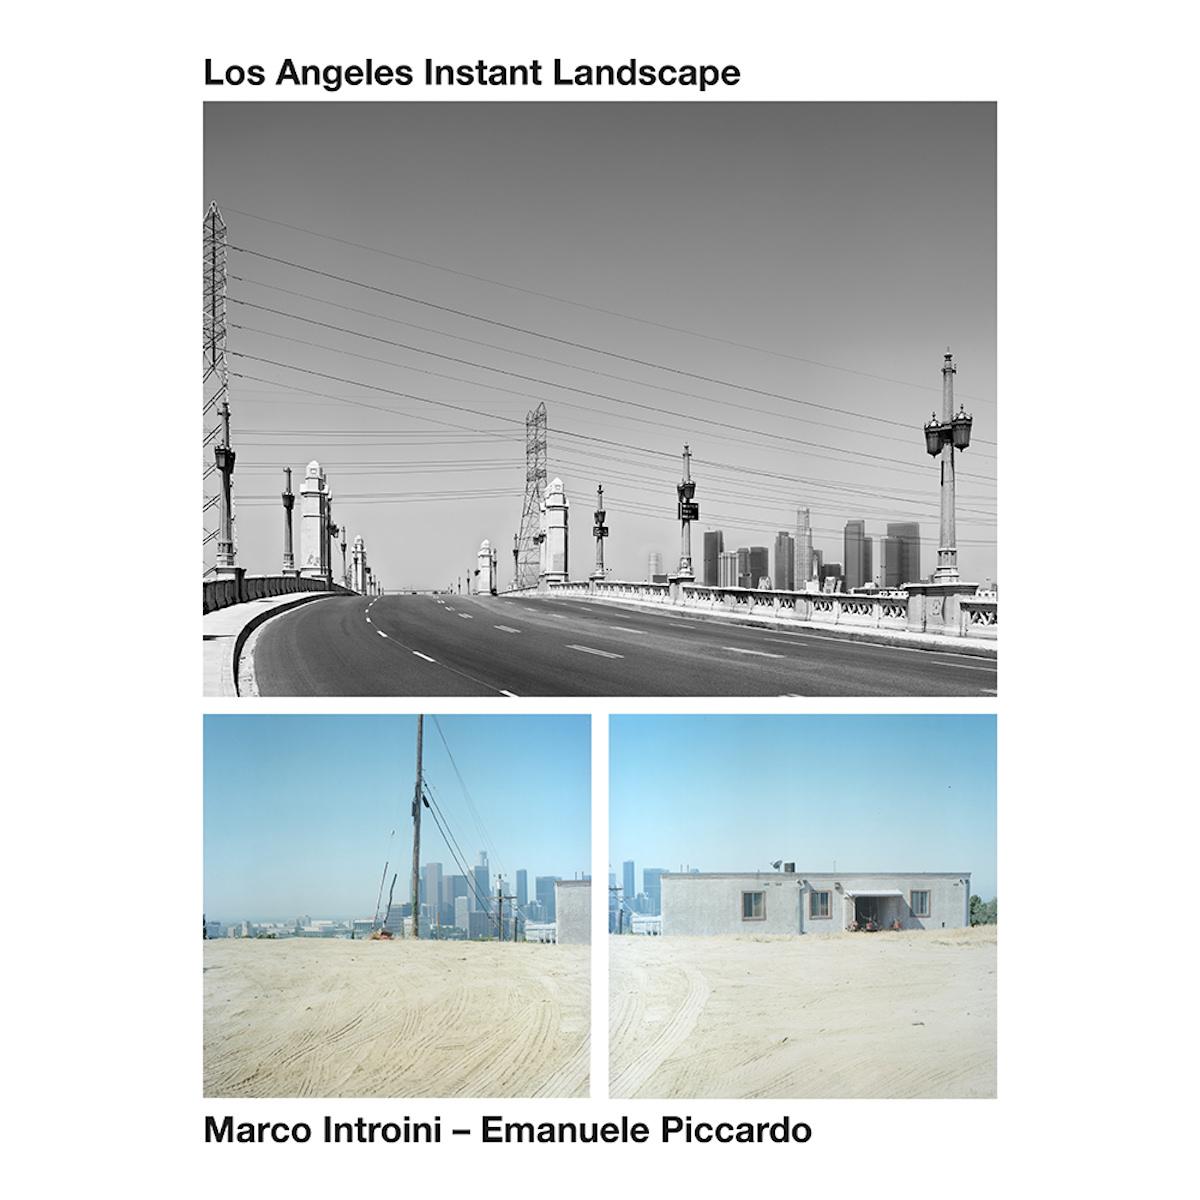 L.A. Instant Landscape